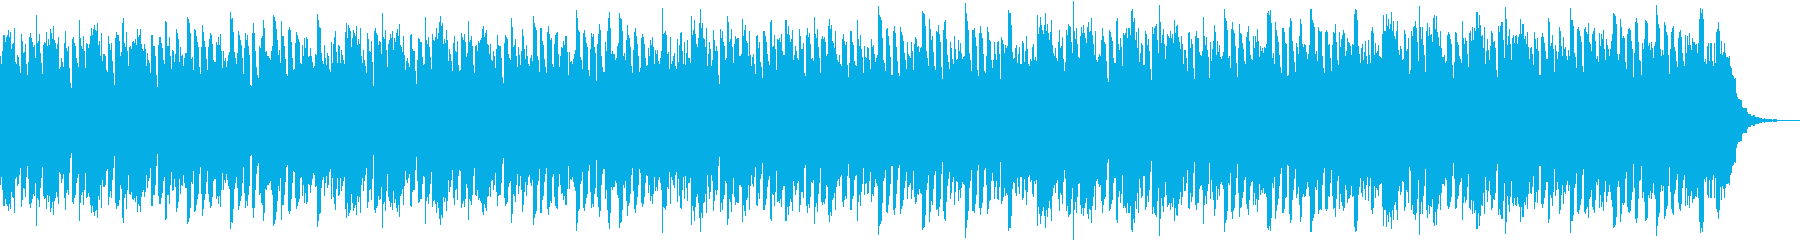 幻想的で浮遊感のある曲の再生済みの波形